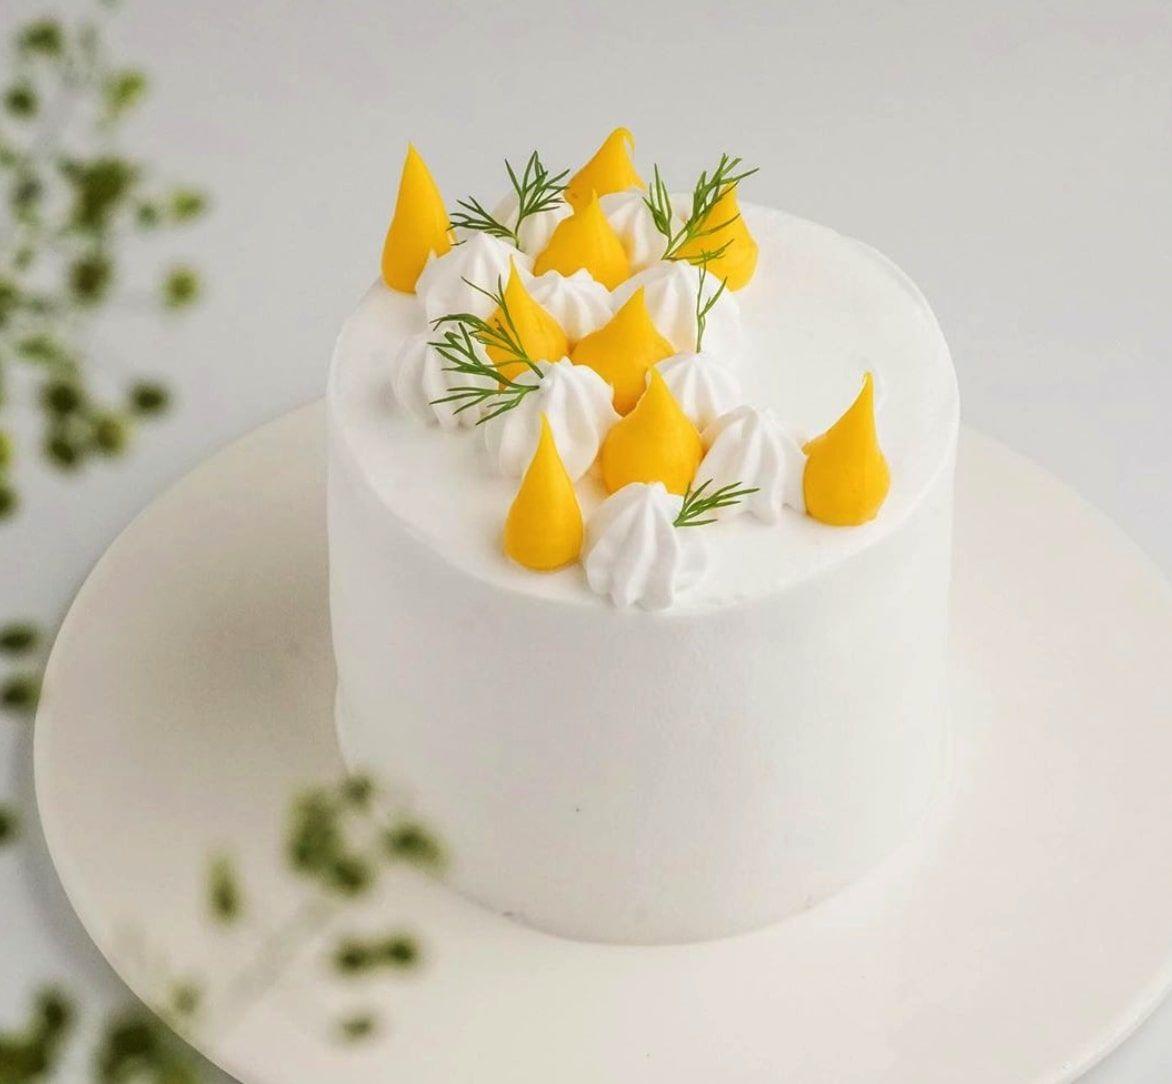 生日蛋糕thevegelab